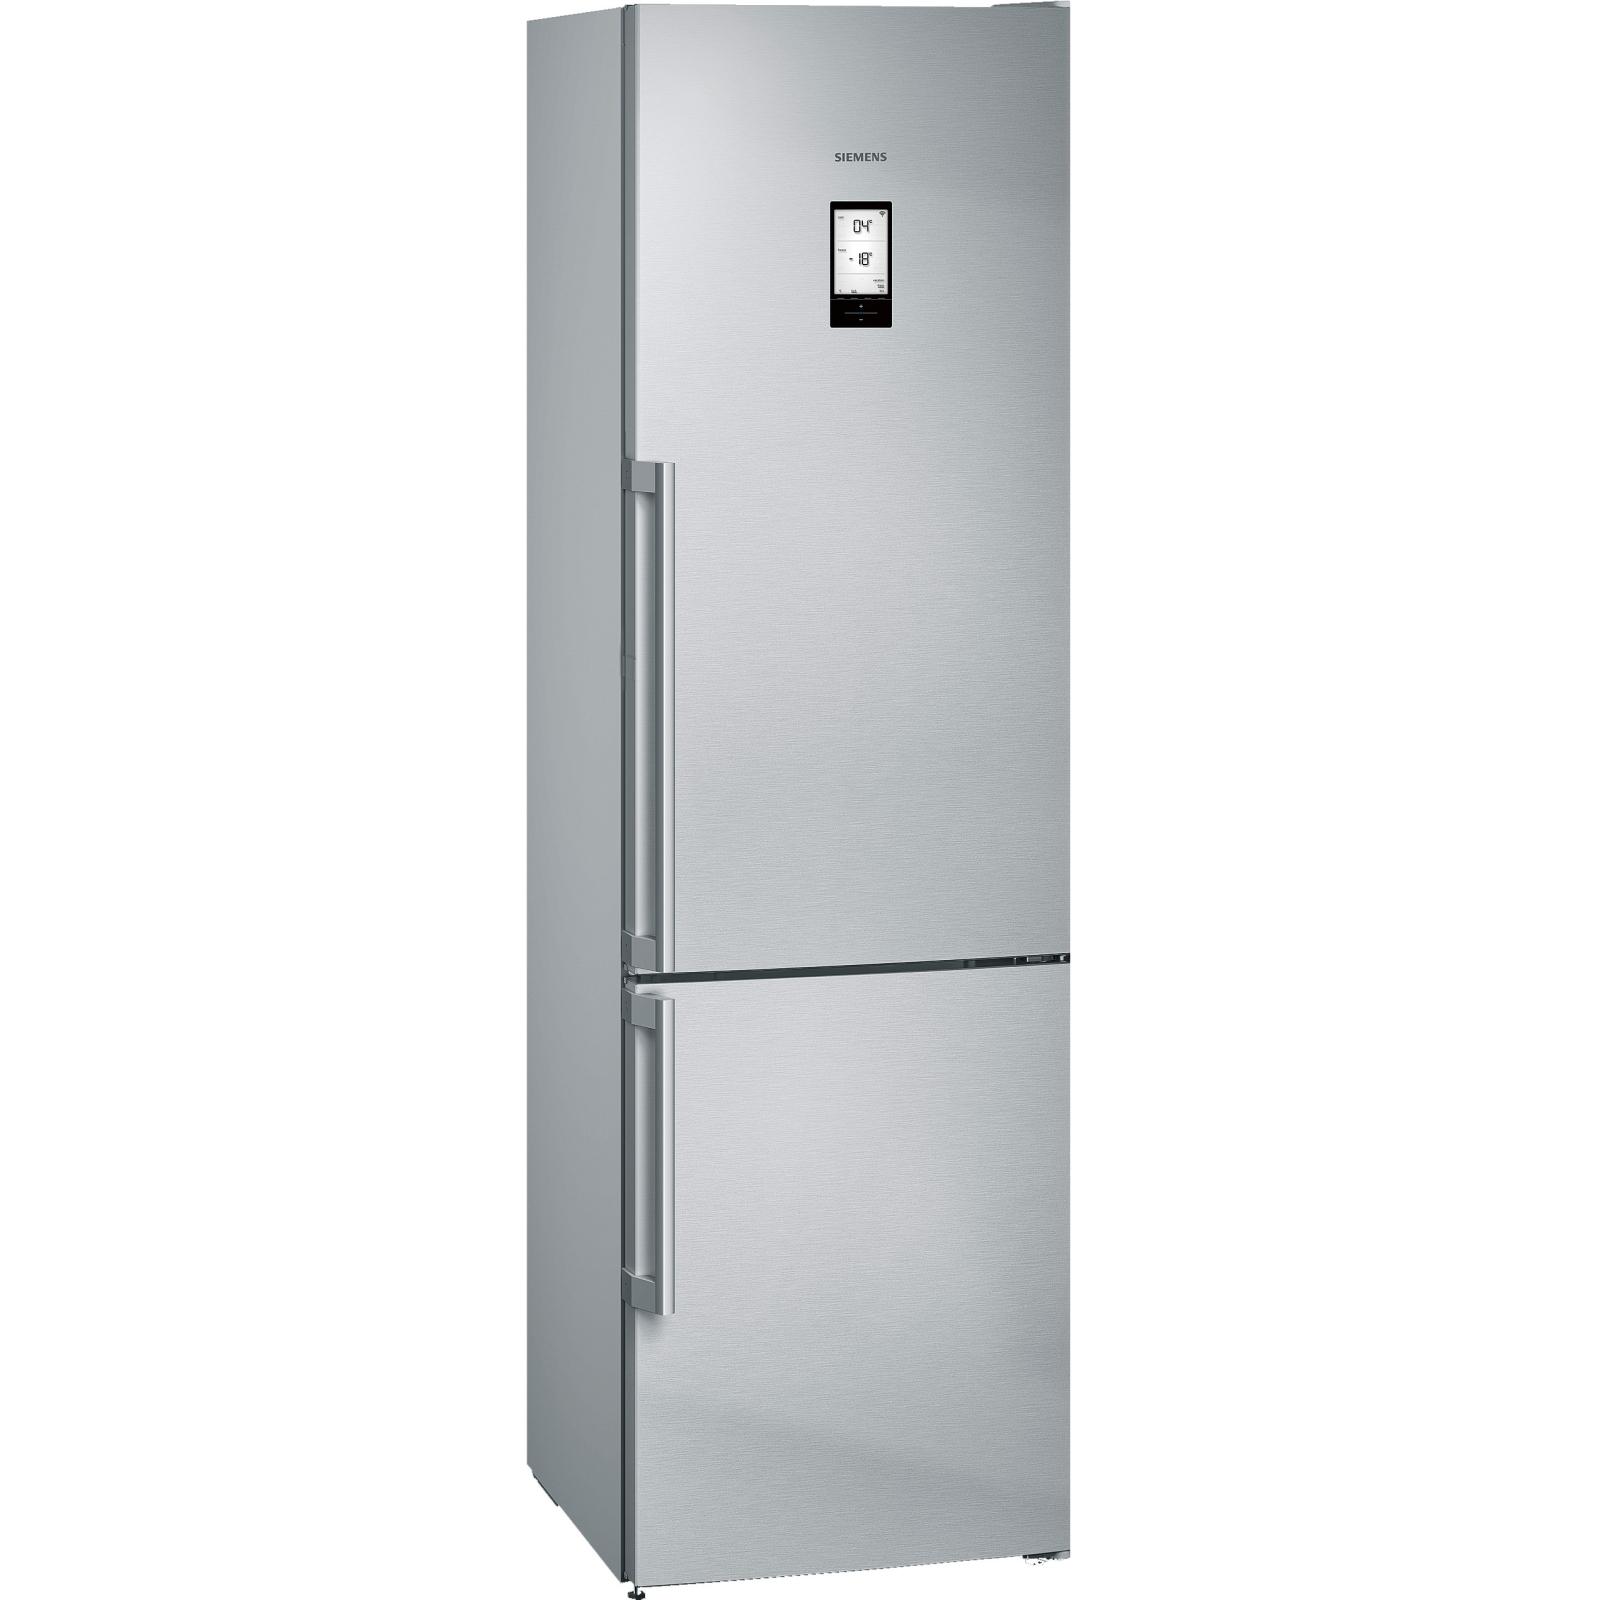 Холодильник Siemens KG 39 NAI 36 (KG39NAI36)